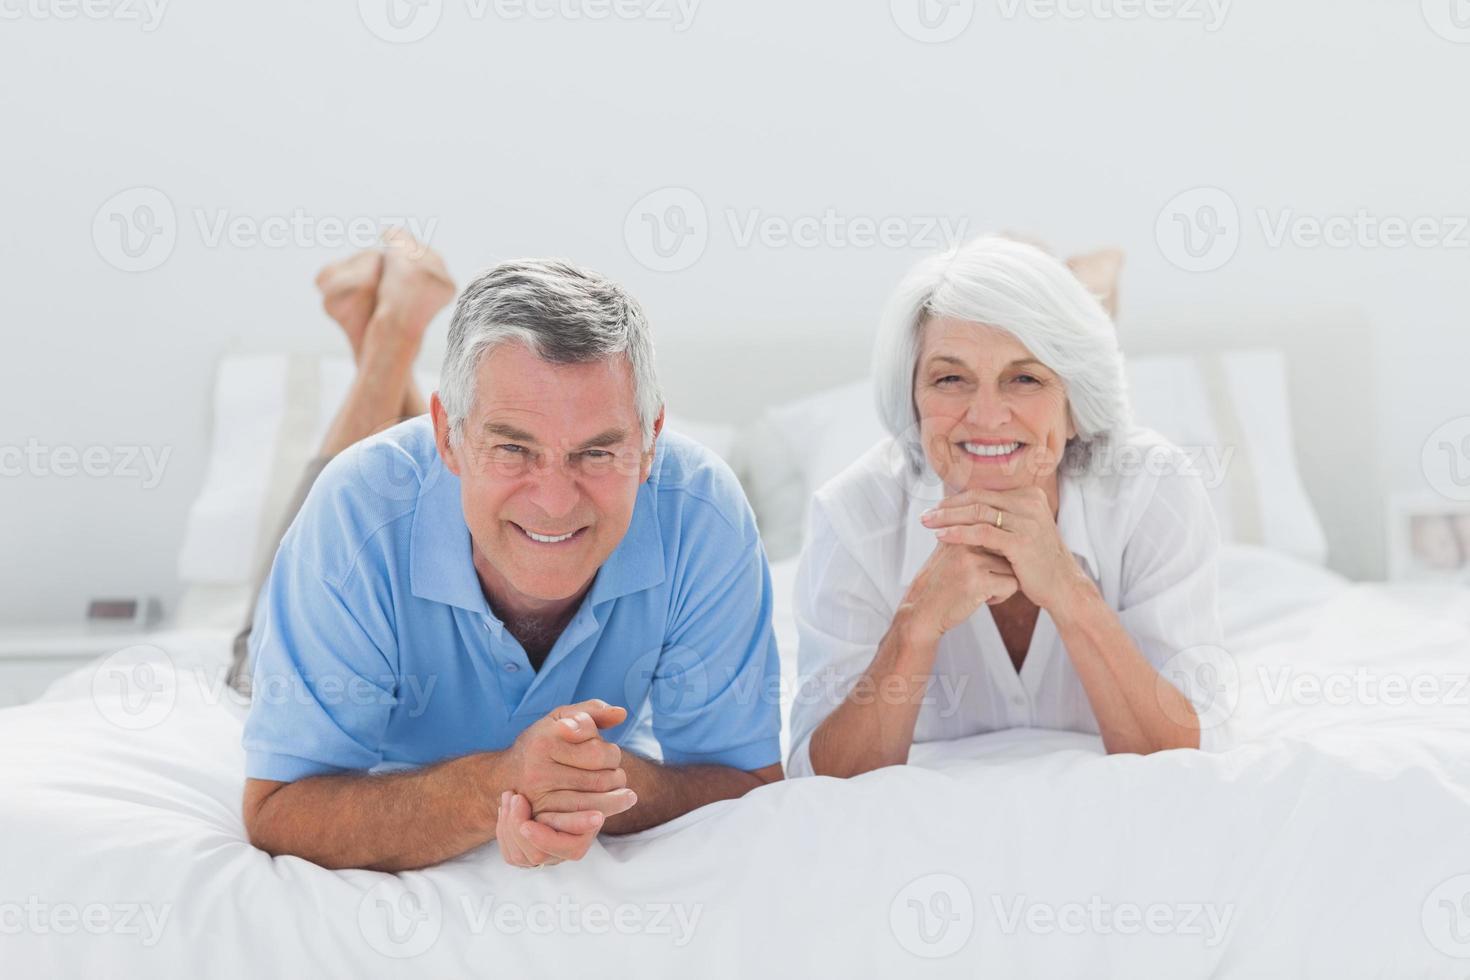 casal deitado juntos na cama foto